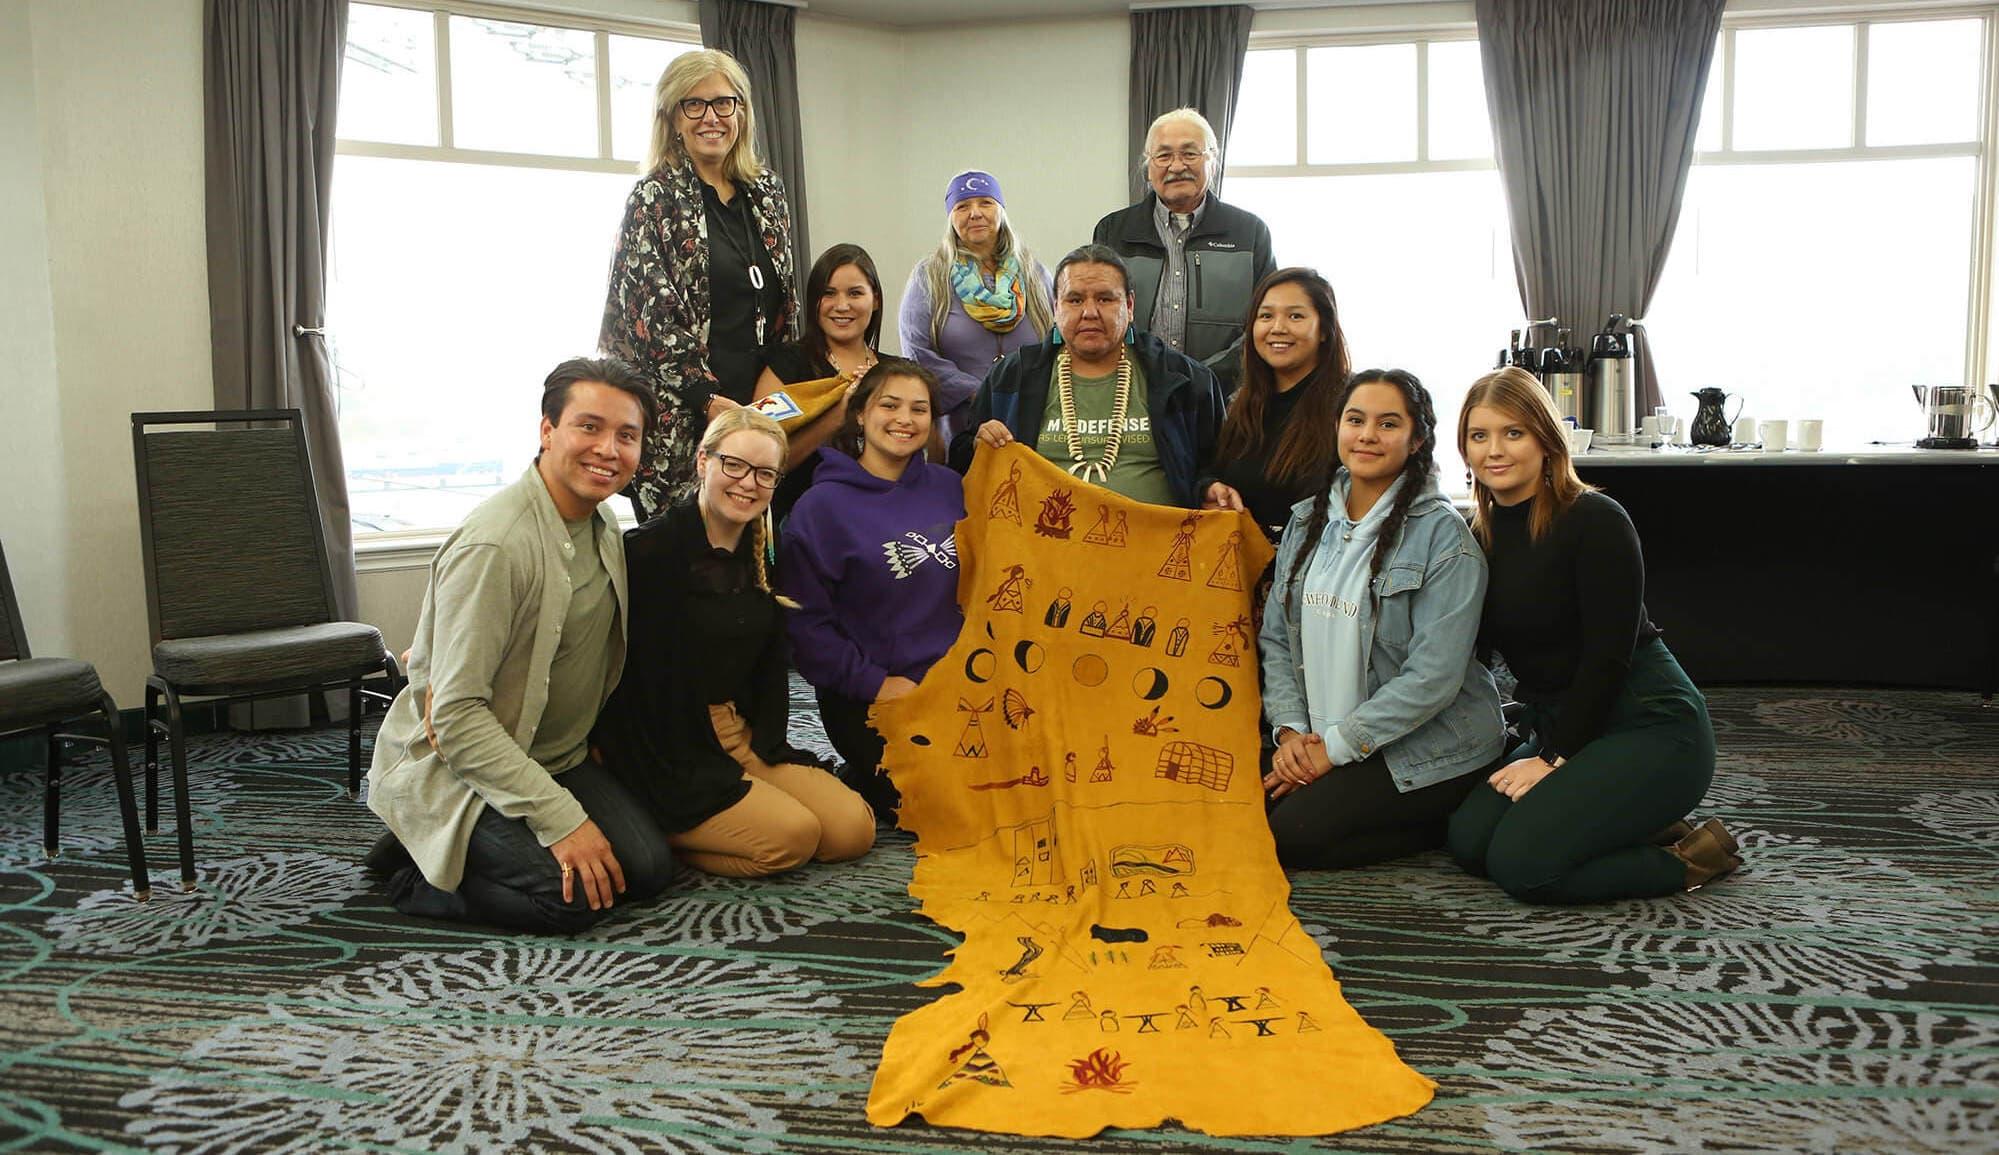 Des membres de notre Indigenous Youth Advisory Council posent avec une peau d'orignal à St. John's, Terre-Neuve-et-Labrador.